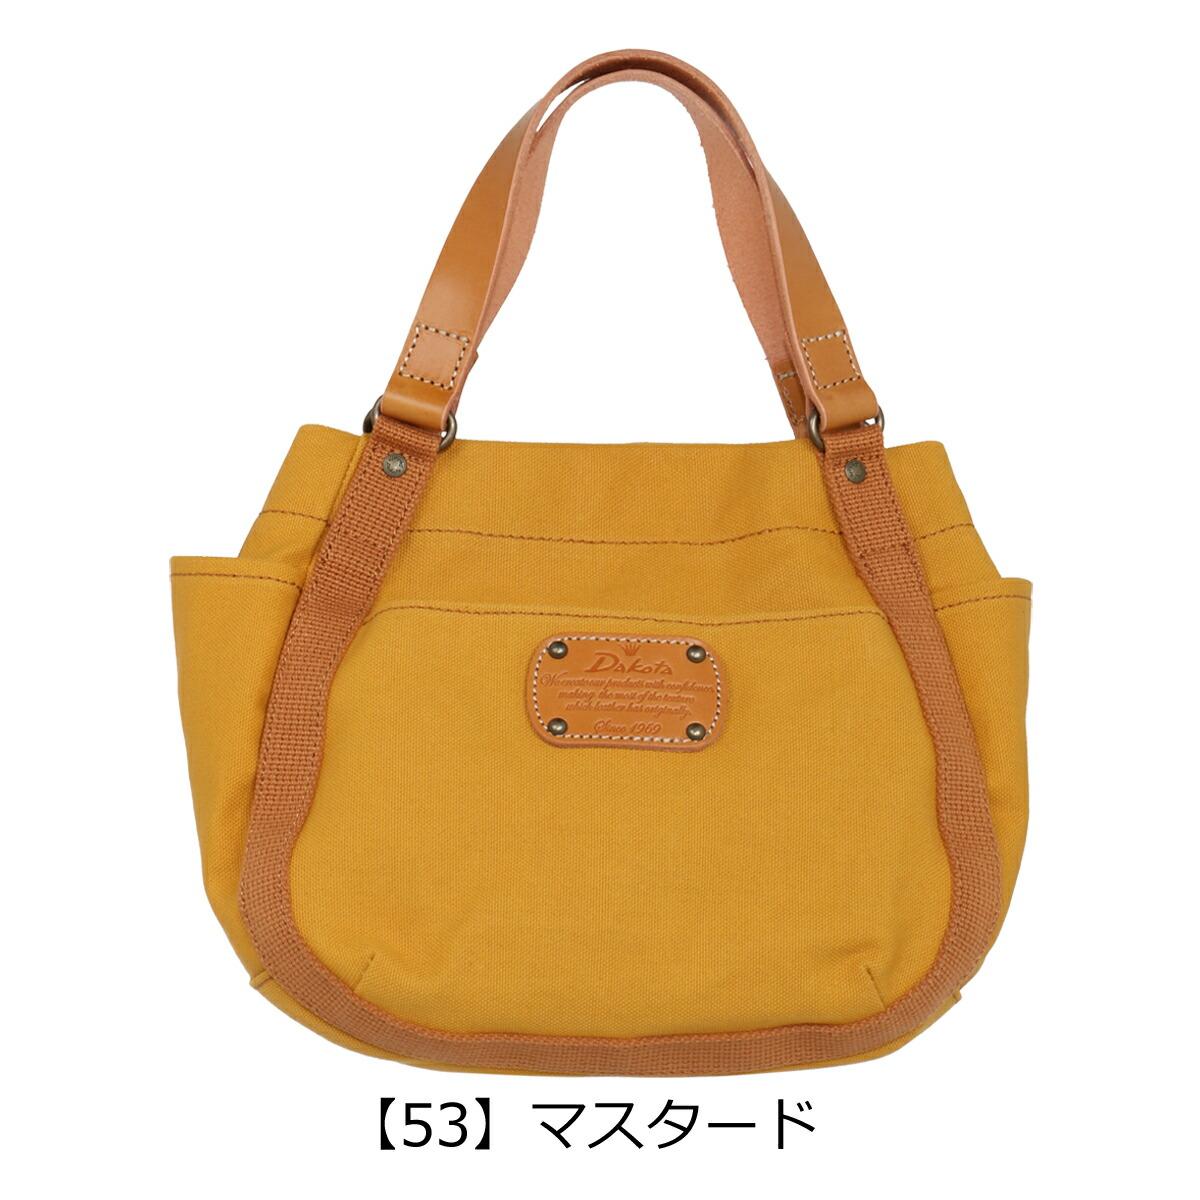 【53】マスタード